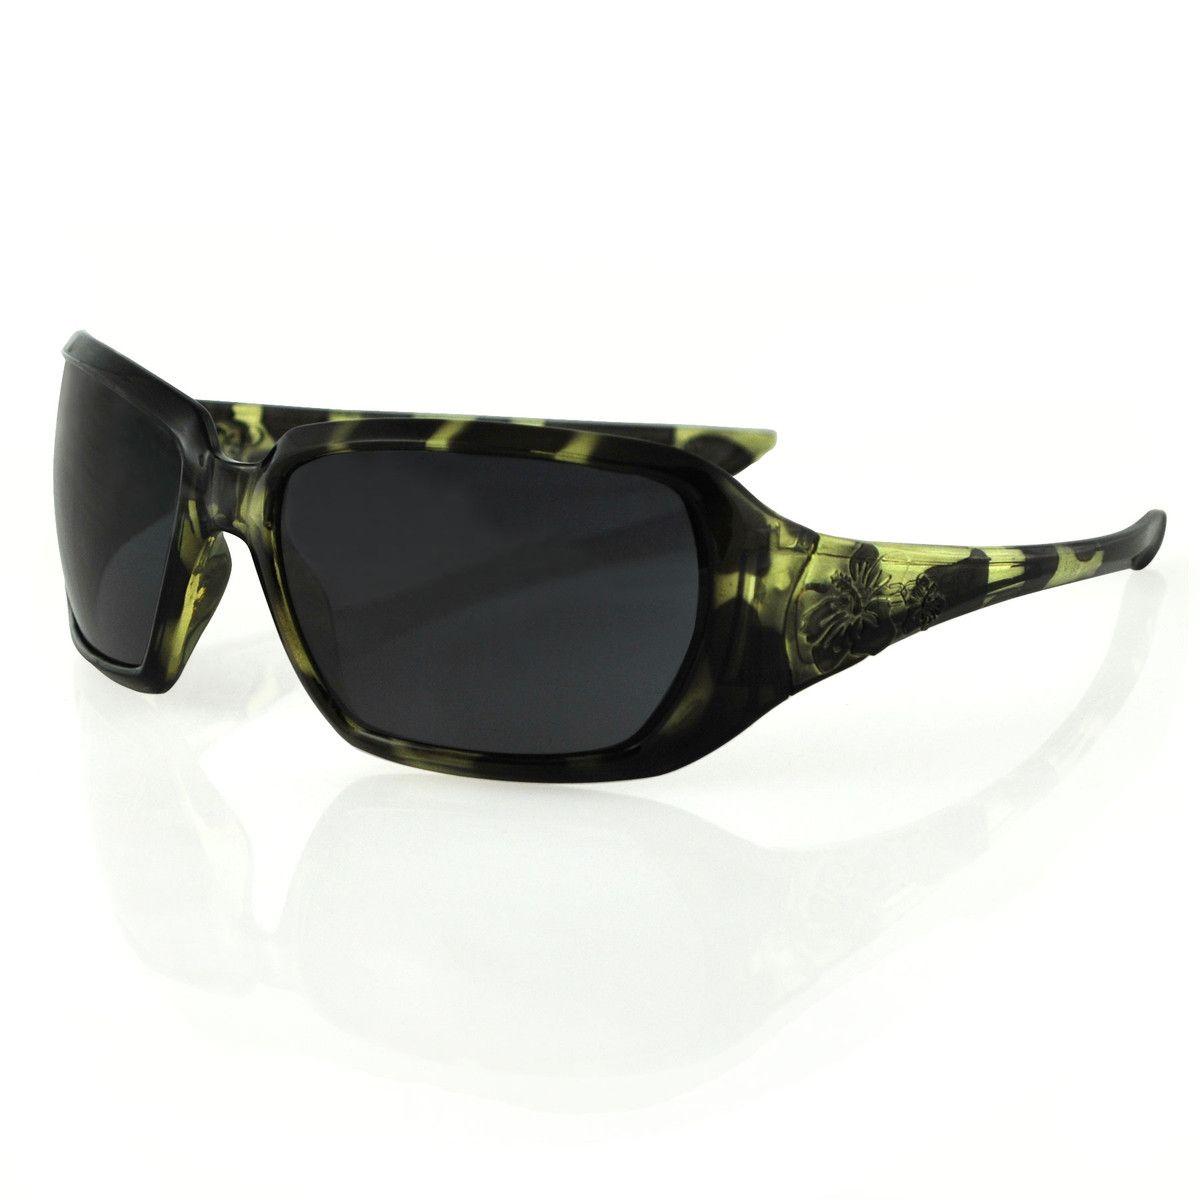 Bobster Sunglasses Scarlet Sunglasses, Glasses, Lenses